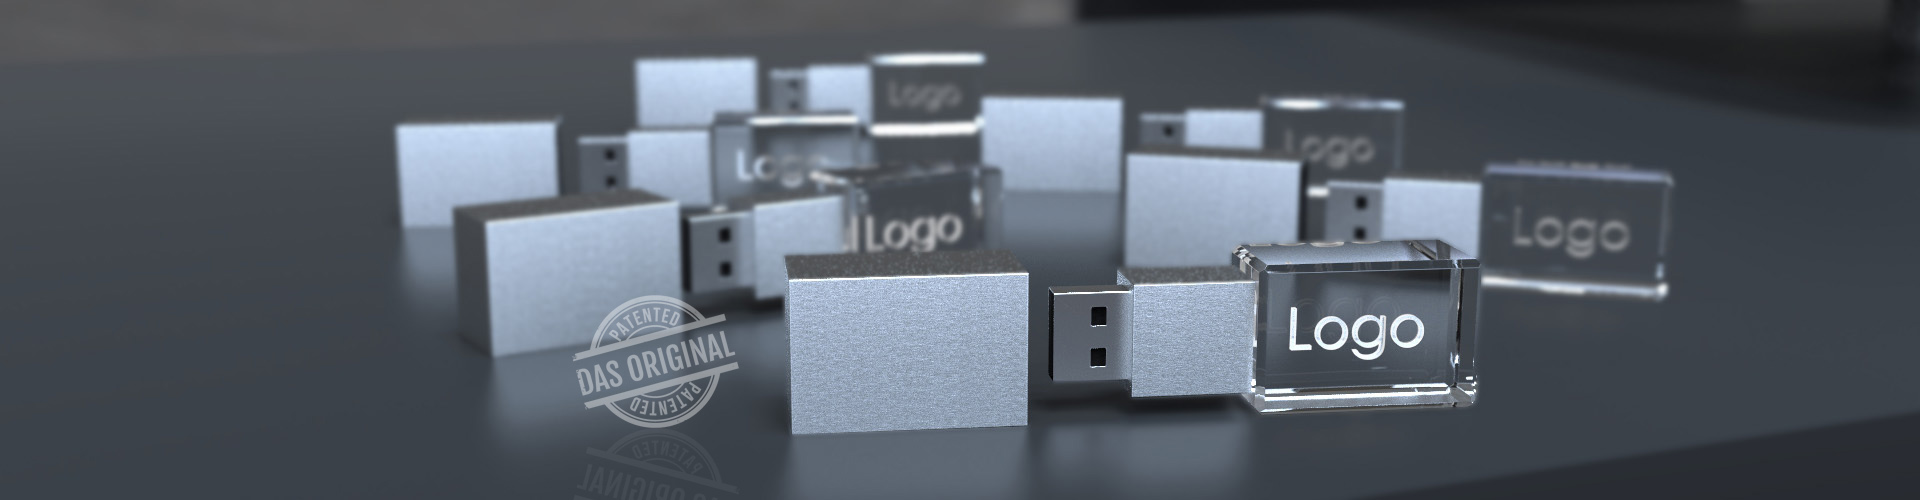 Mehrere USB Sticks Crystal 3D aus Glas mit Gravur und LED Beleuchtung